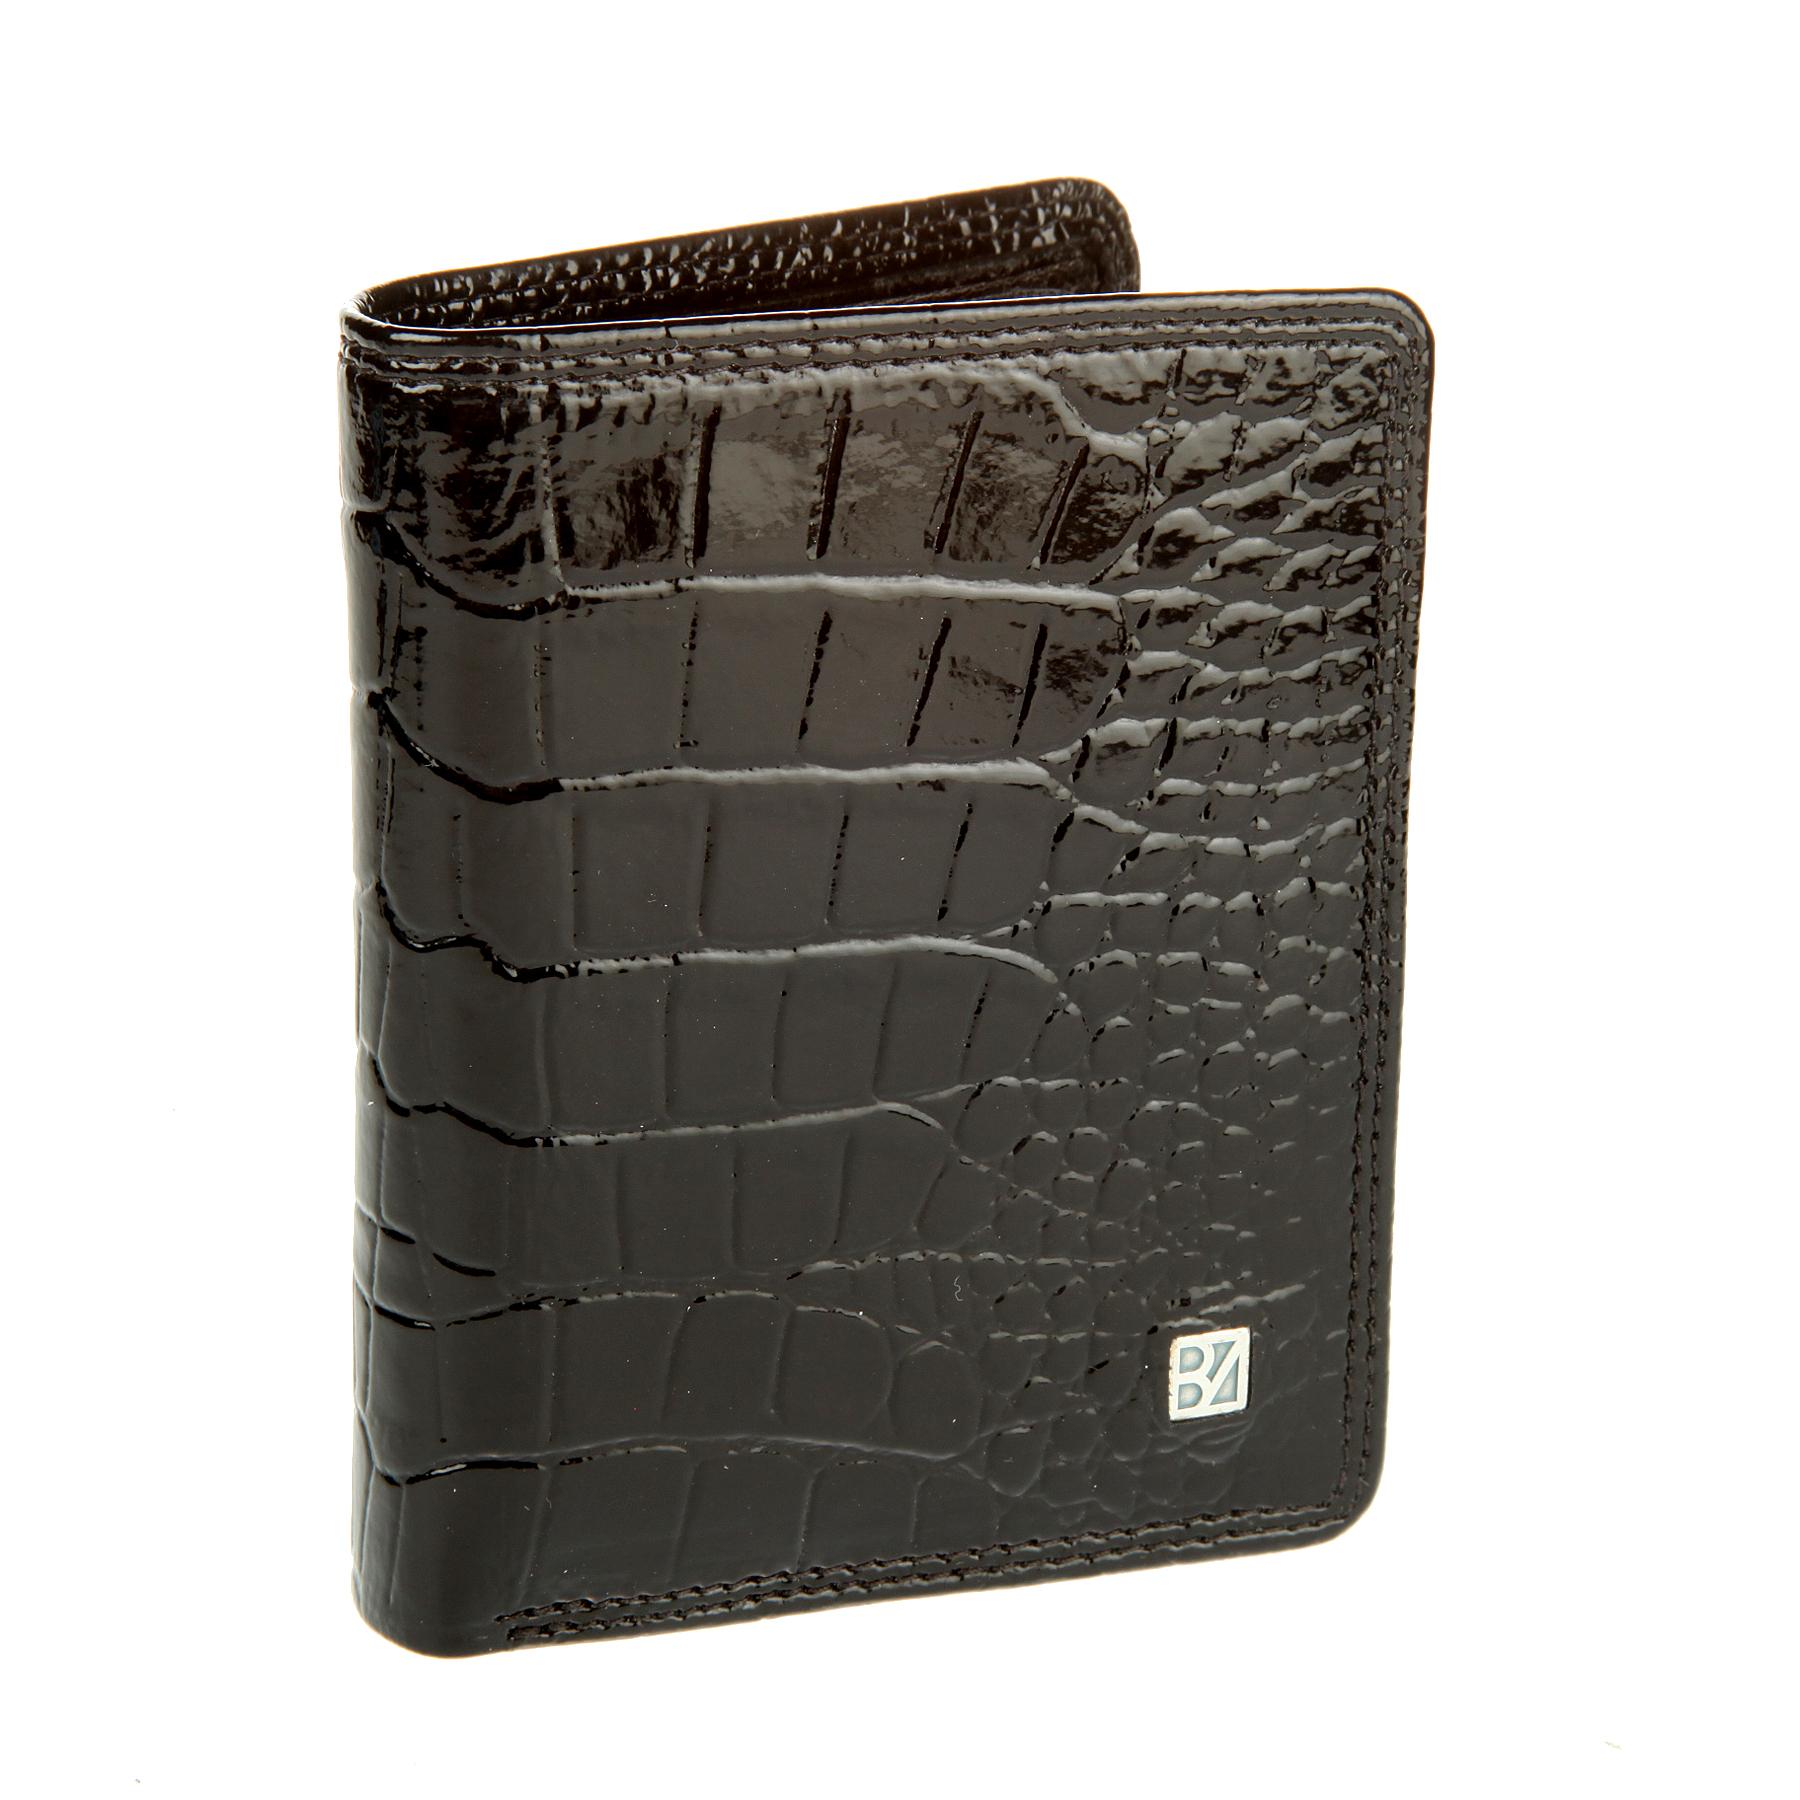 Кошелек женский Bodenschatz, цвет: черный. 4-753ICE 8508Кошелек женский Bodenschatz выполнен из натуральной кожи. Модель раскладывается пополам, внутри одно отделение для купюр, два потайных кармашка, девять кармашков для пластиковых карт.